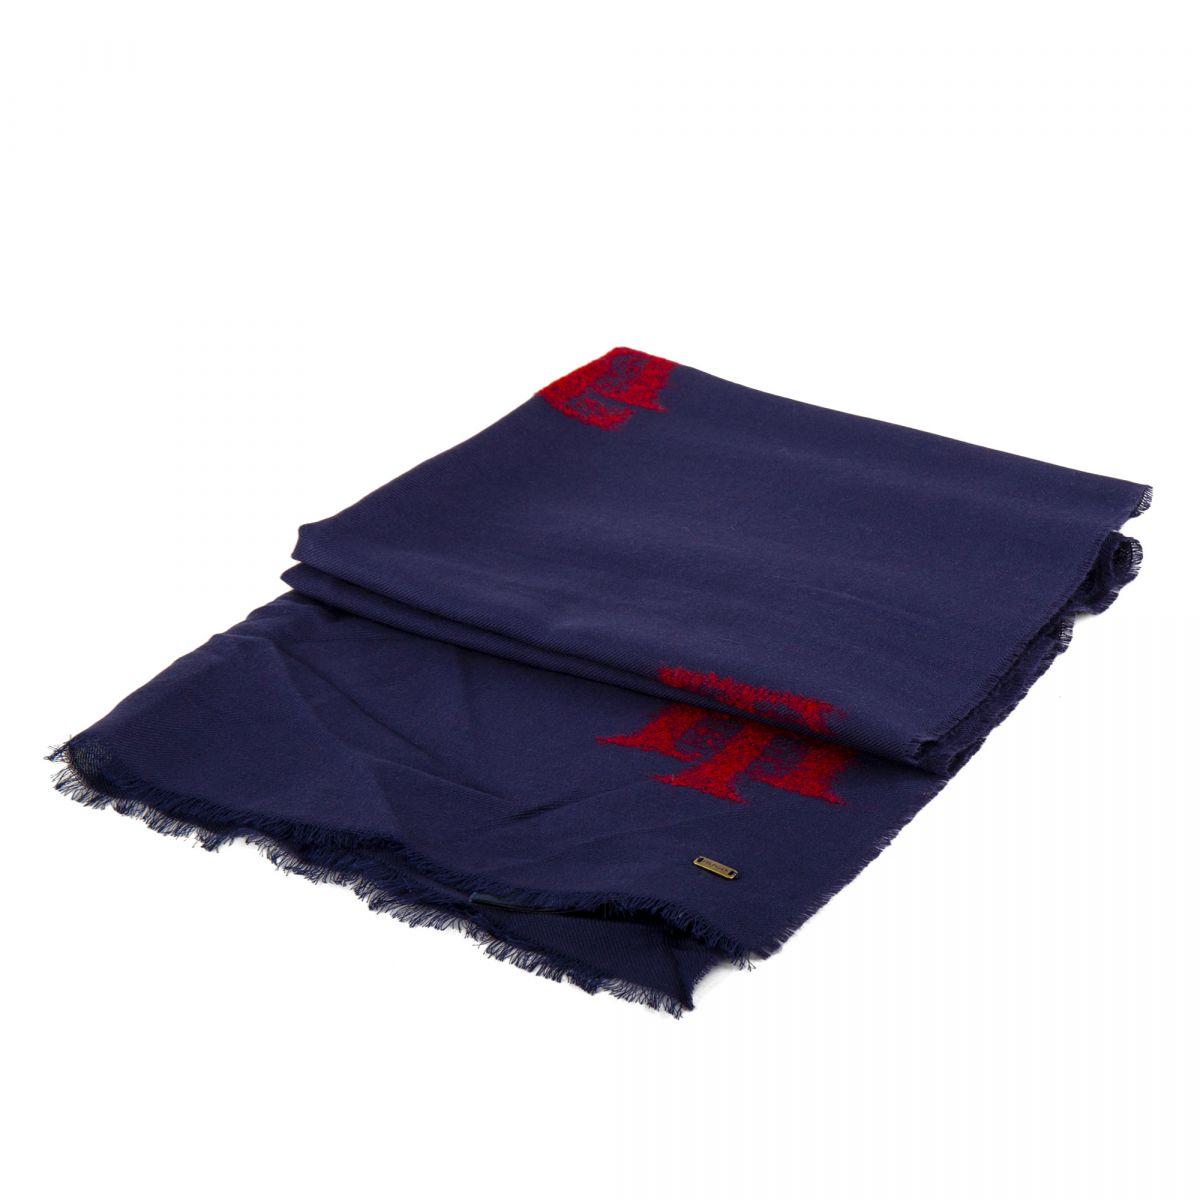 6414a815713 Écharpe fine laine 180cmX65cm femme TOMMY HILFIGER marque pas cher prix  dégriffés destockage ...